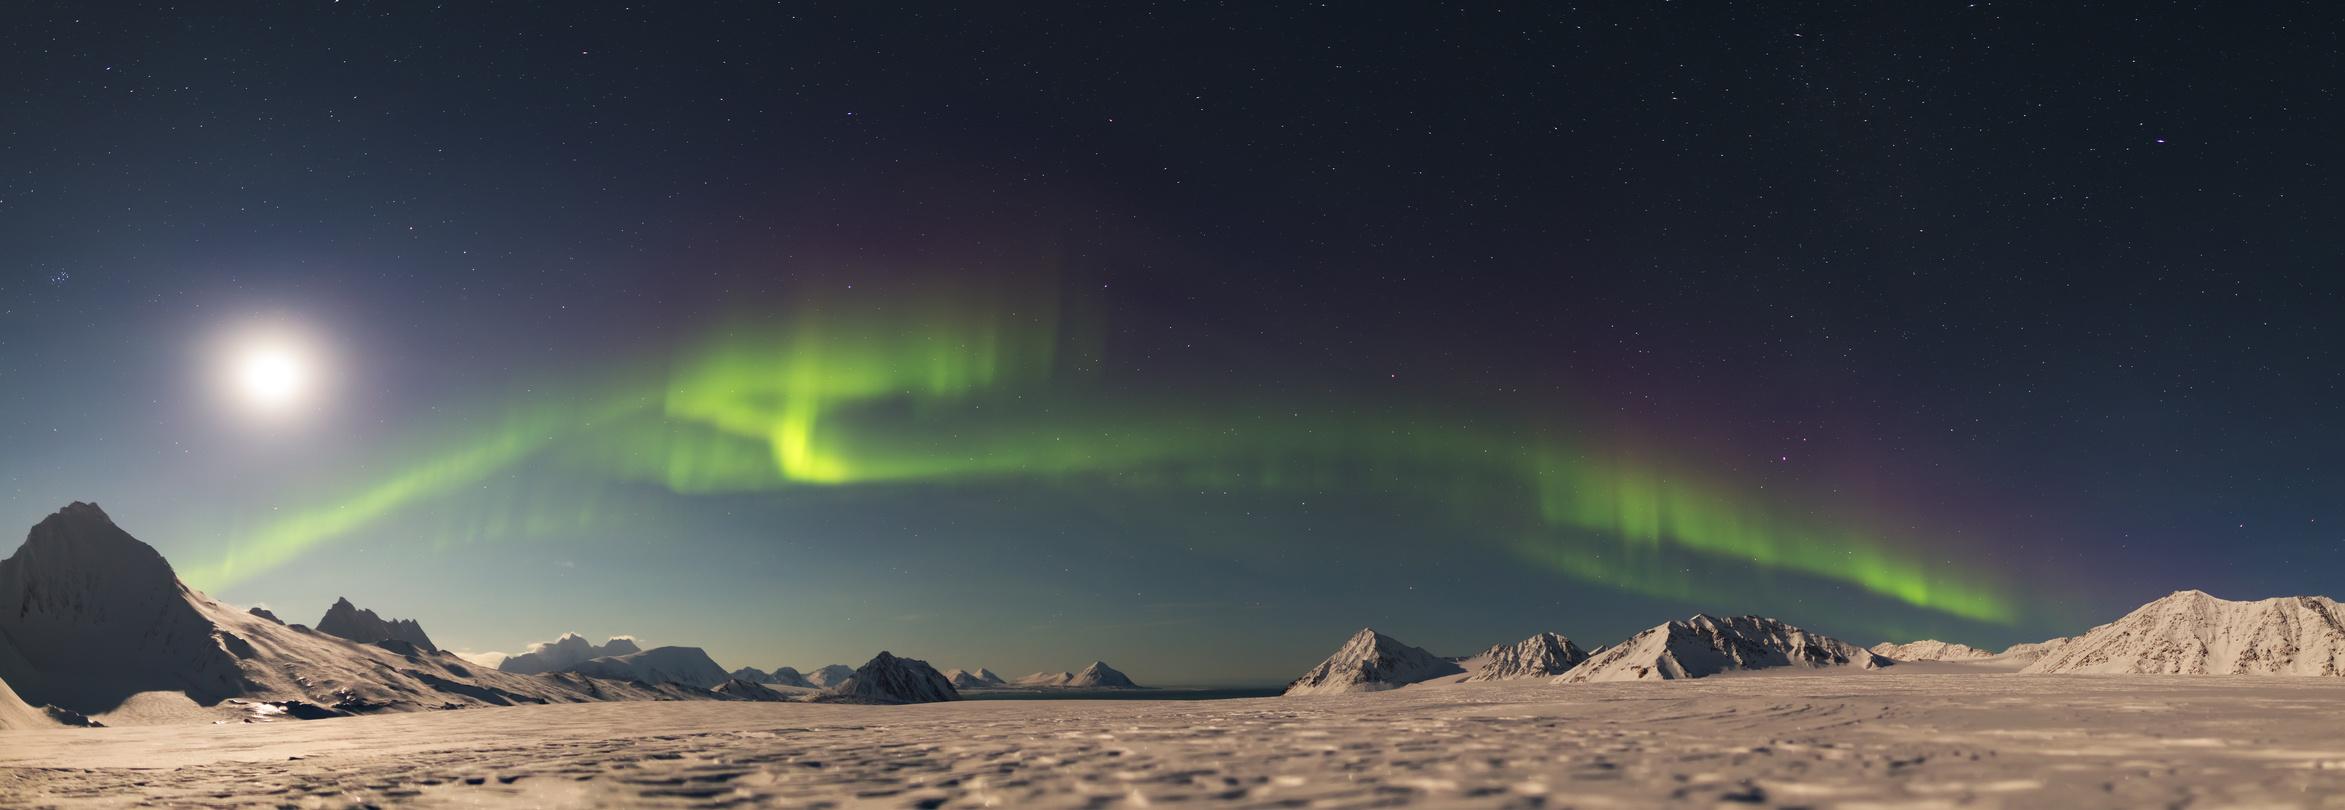 Nordlichter am Nachthimmel (Aurora borealis)